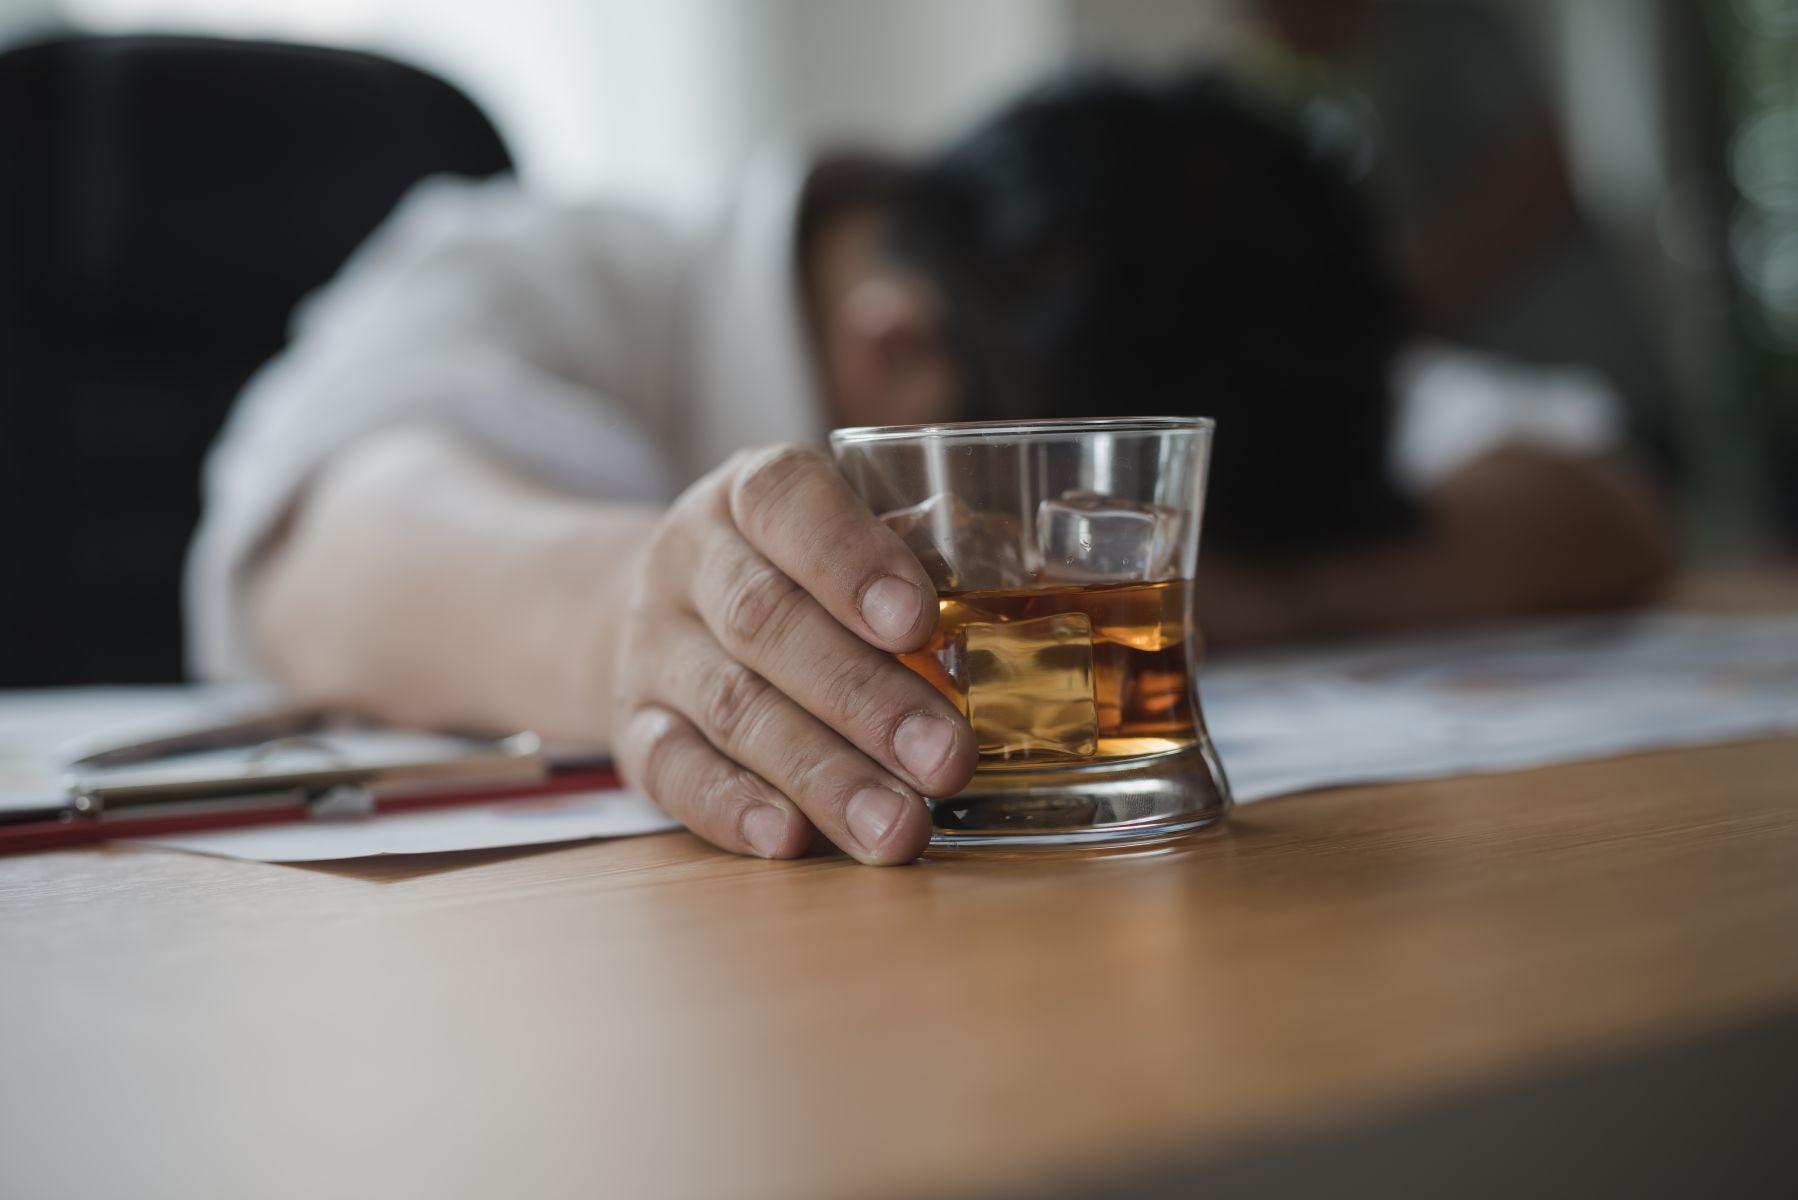 家暴是酒醉誤事?醫師:在急診室坐一晚 就知道酒精問題有多嚴重